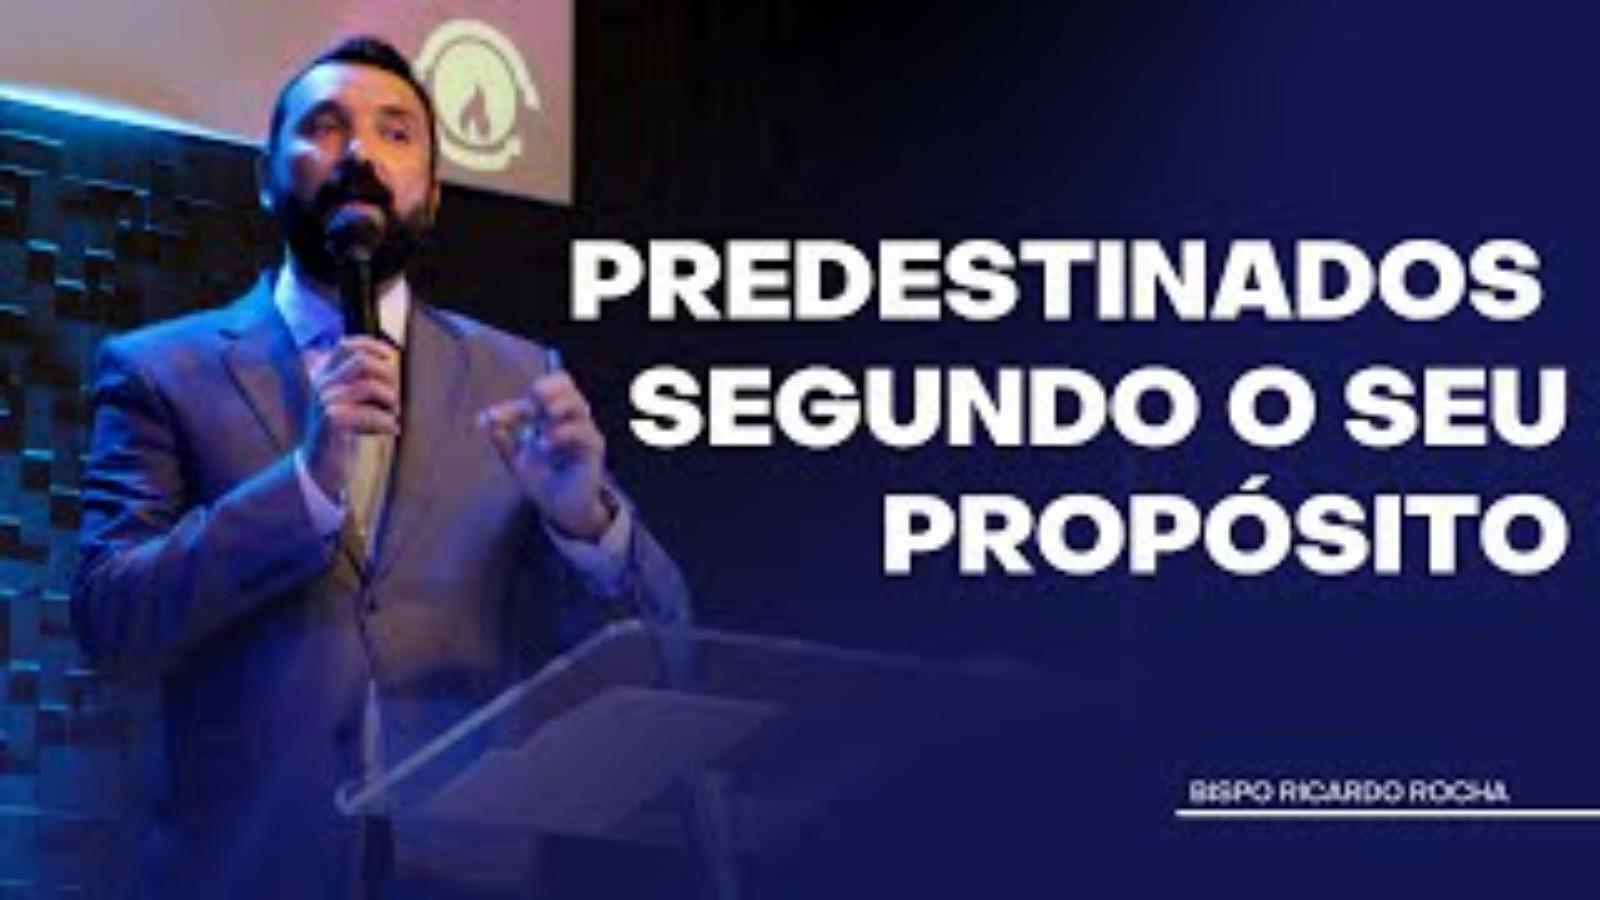 PREDESTINADOS SEGUNDO O SEU PROPÓSITO